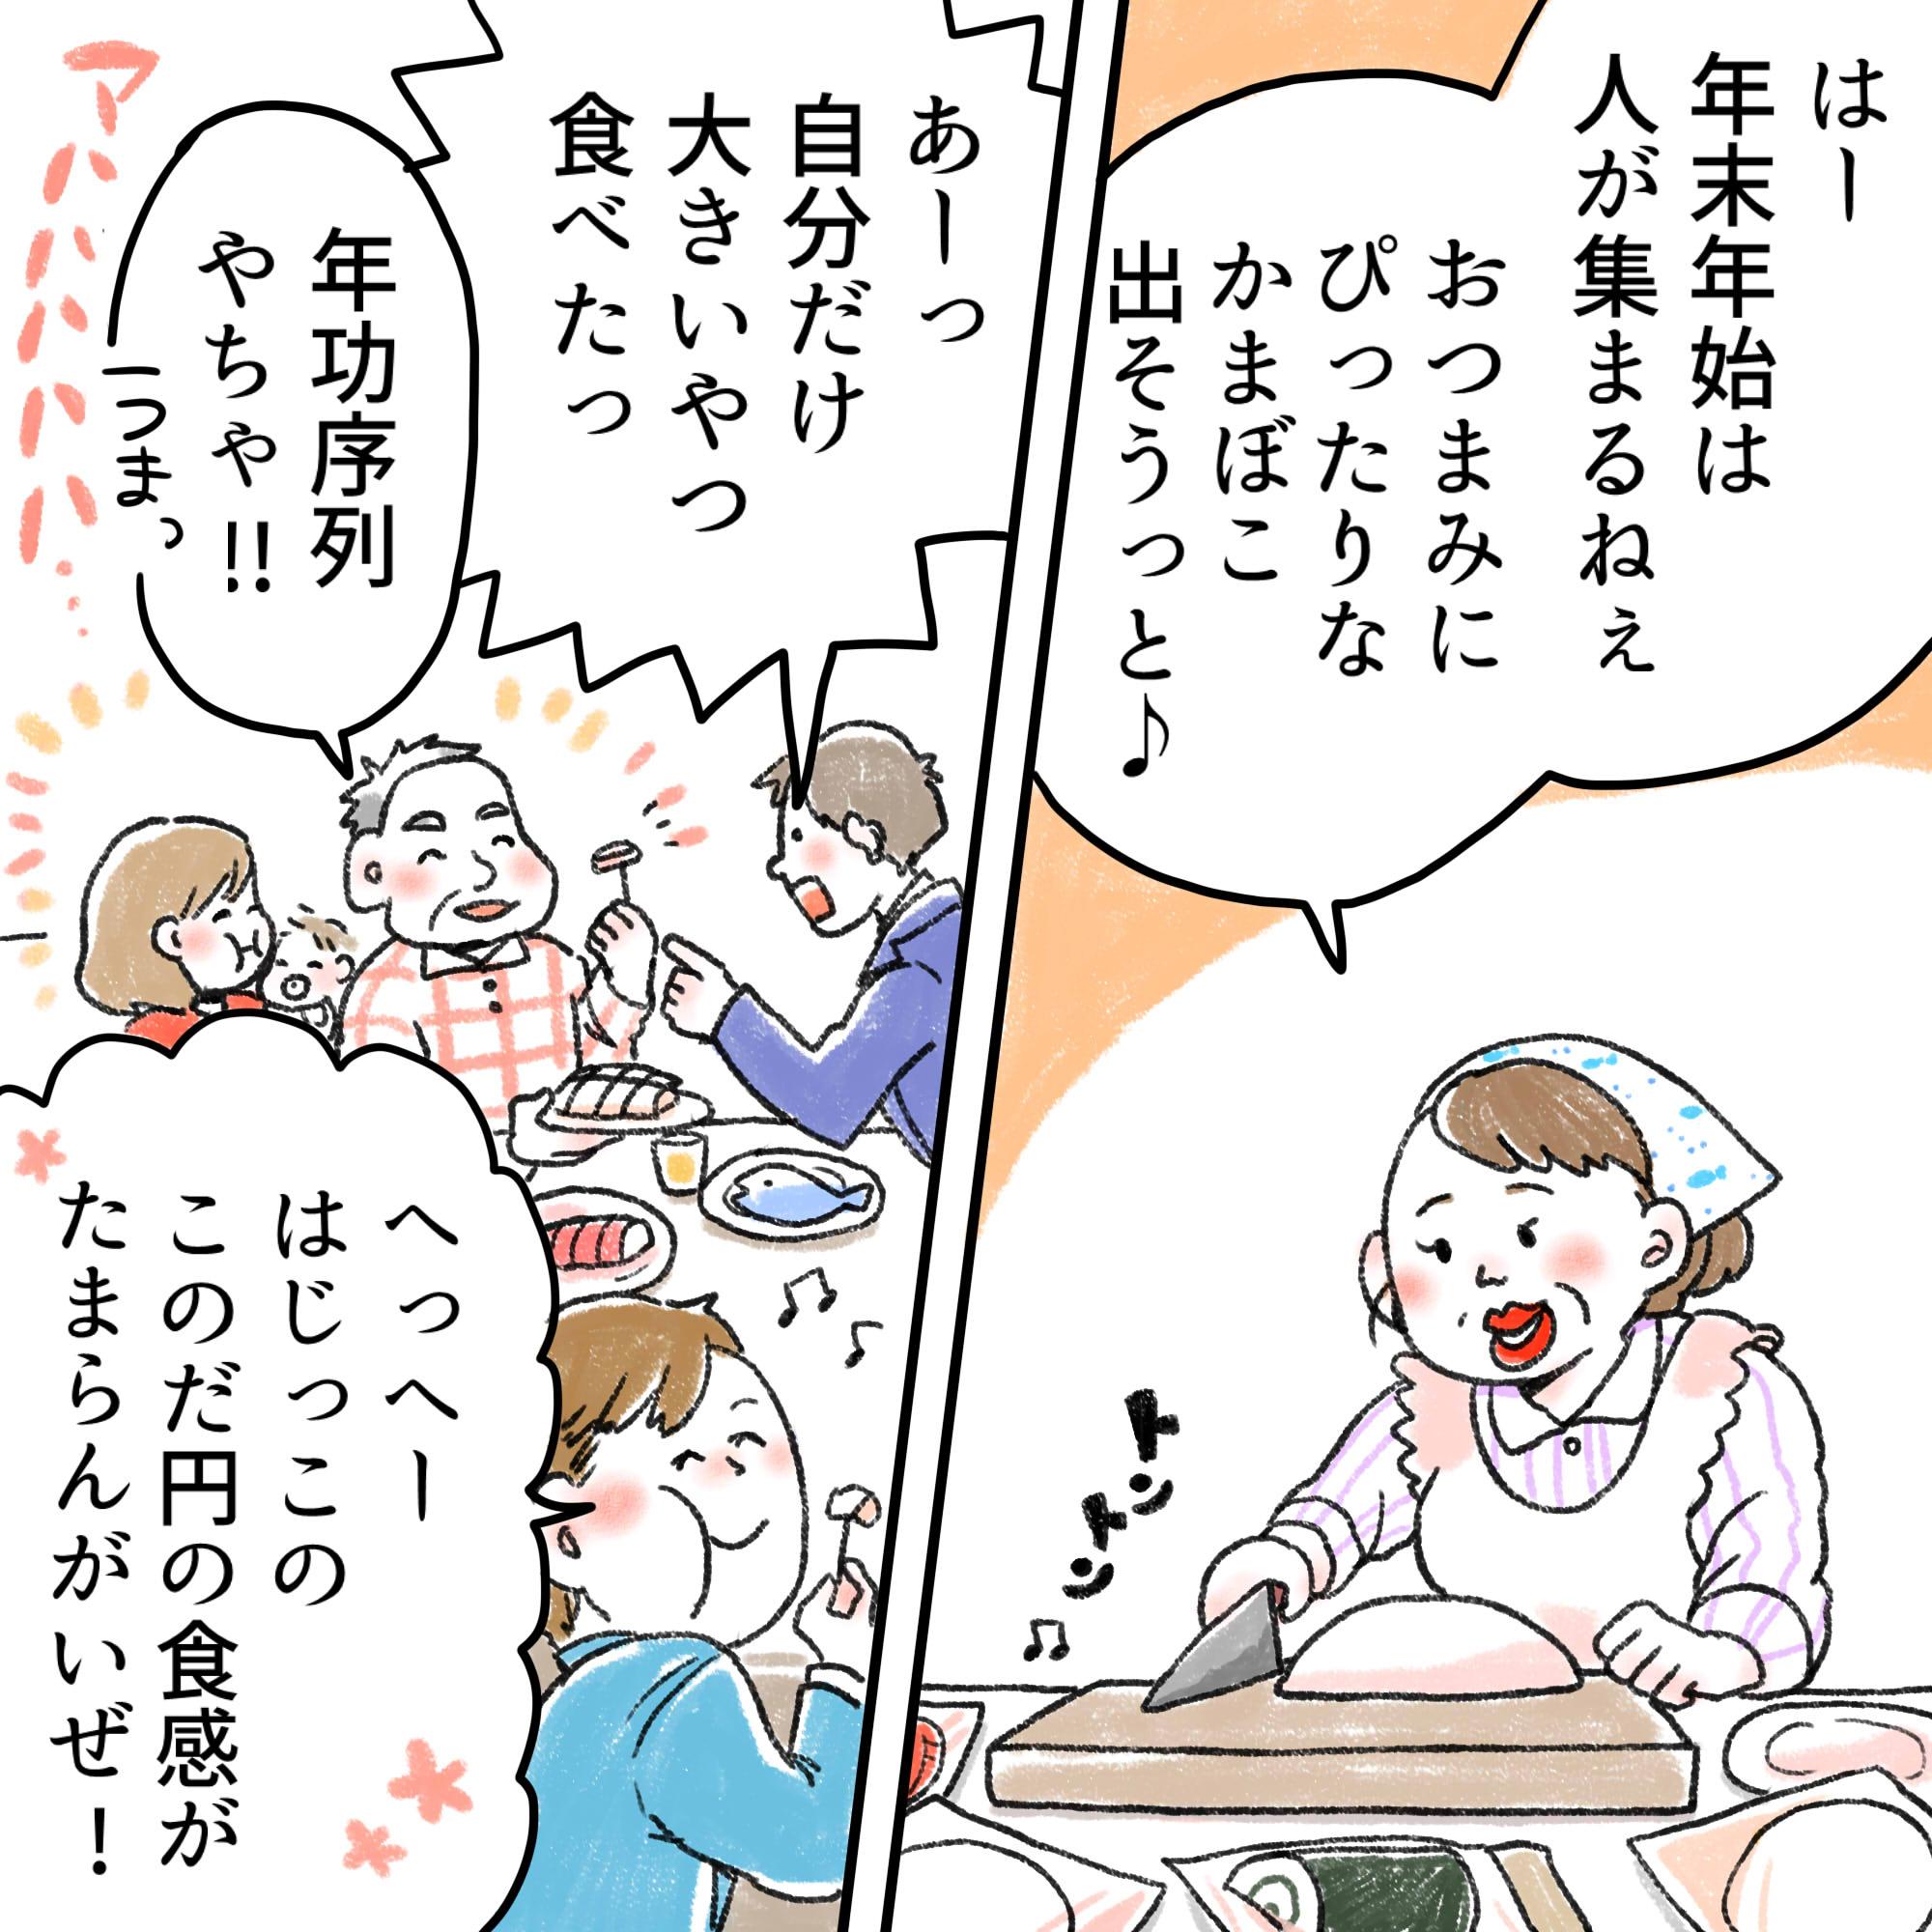 ウメカマンガ 6杯目 富山のお正月に欠かせない やわらかの形に隠された秘密